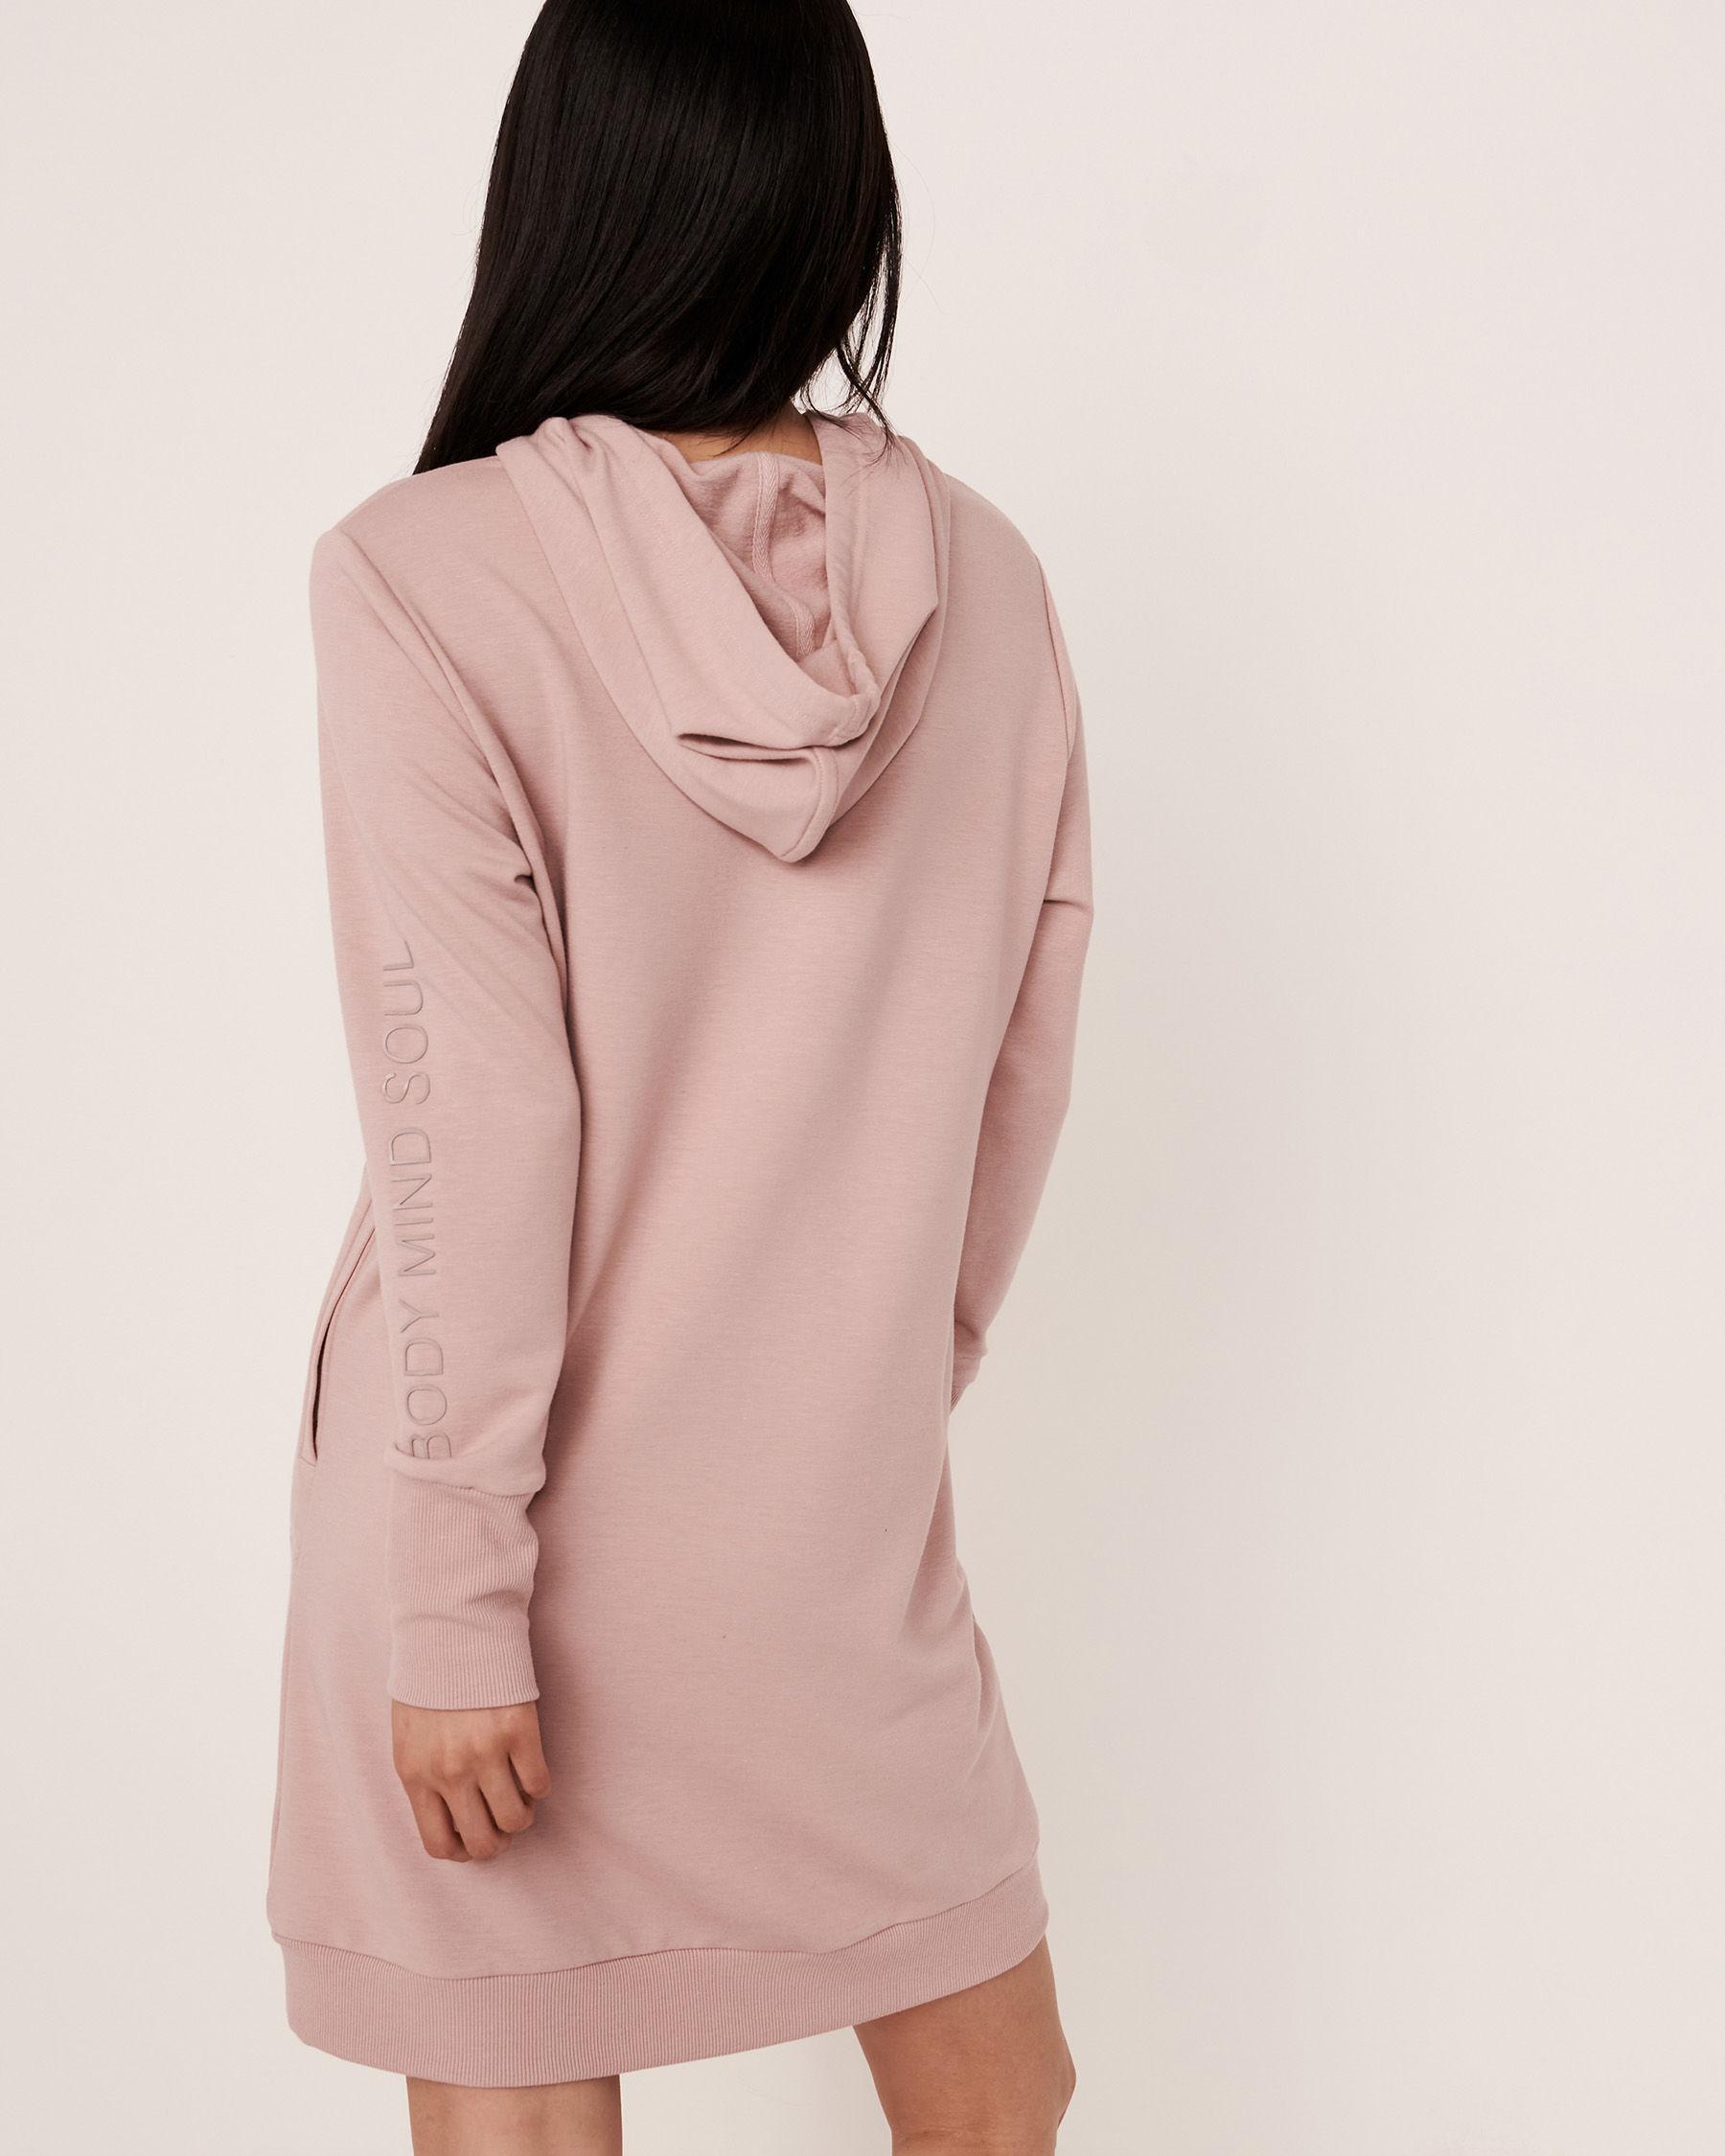 LA VIE EN ROSE Robe manches longues à capuchon Ombre grise 50400007 - Voir3